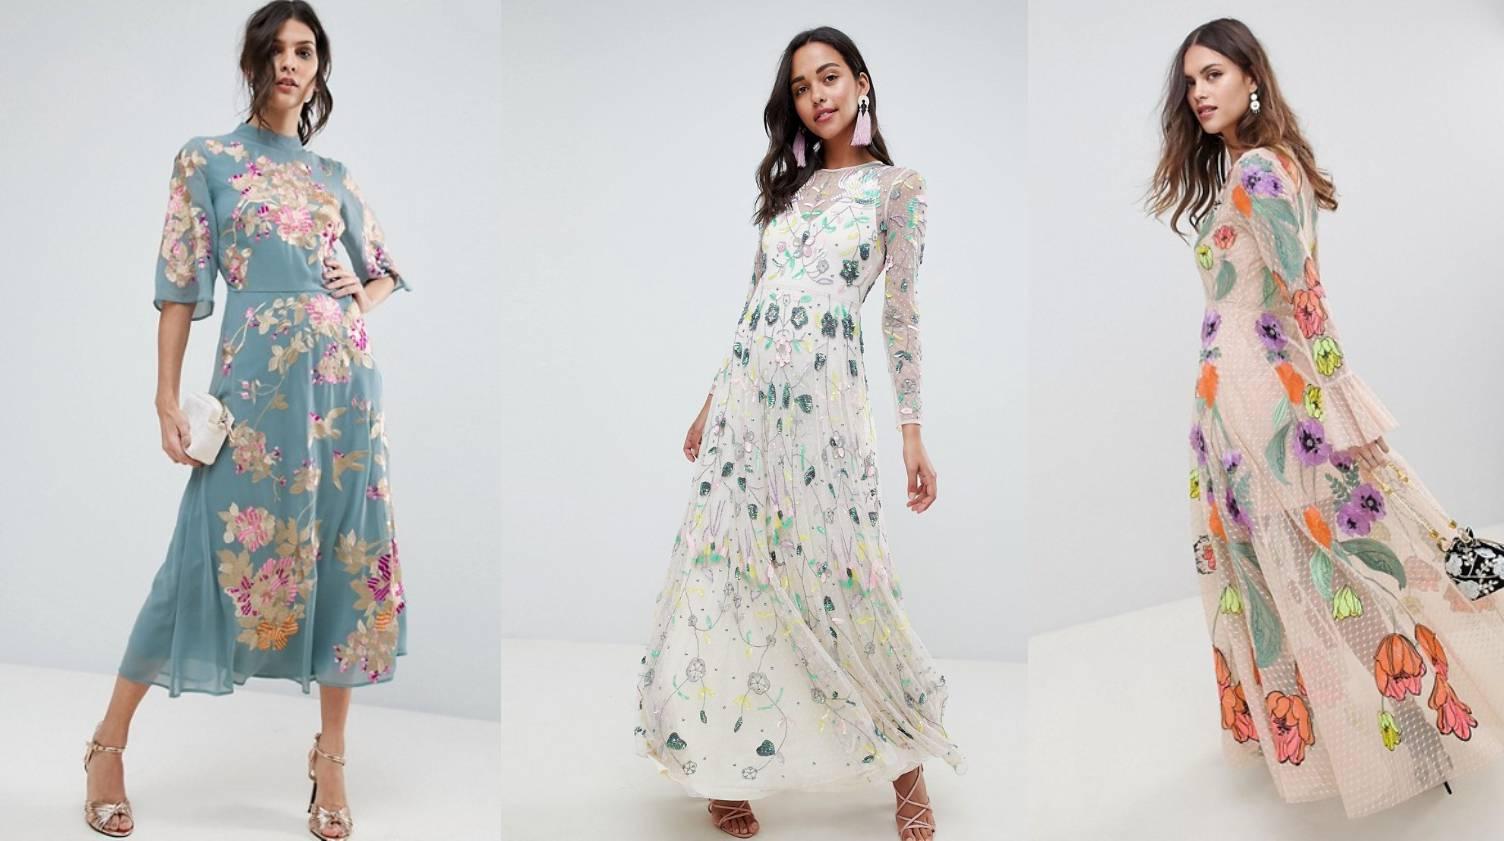 Lagane boho haljine cvjetnog uzorka trajat će duže od ljeta